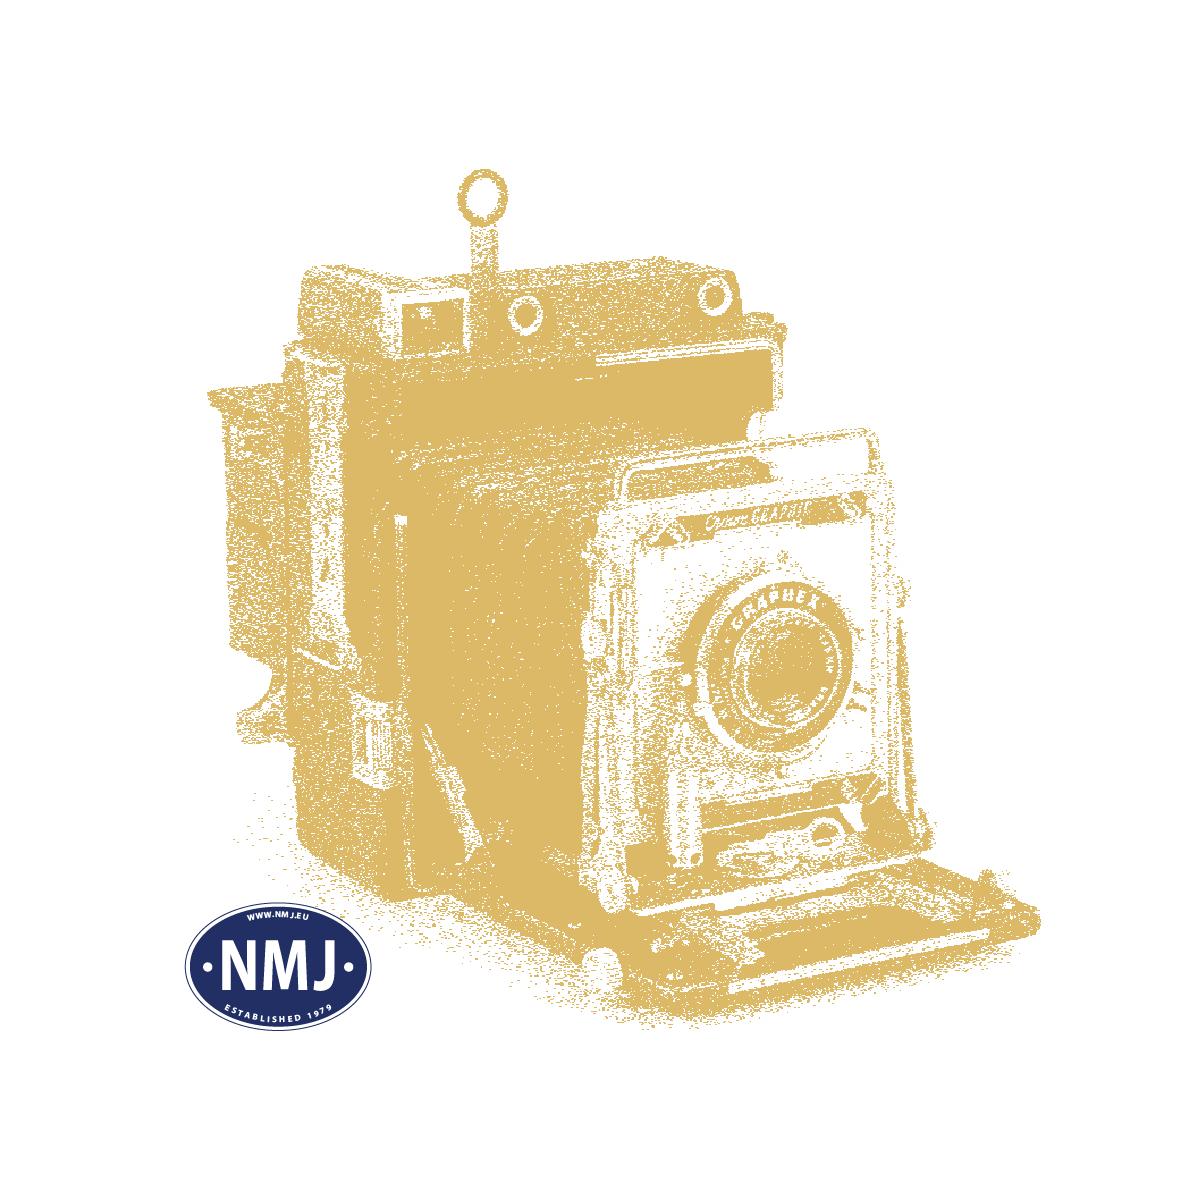 NMJ0.21504 - NMJ Superline NSB BF10.21504, 0-Skala